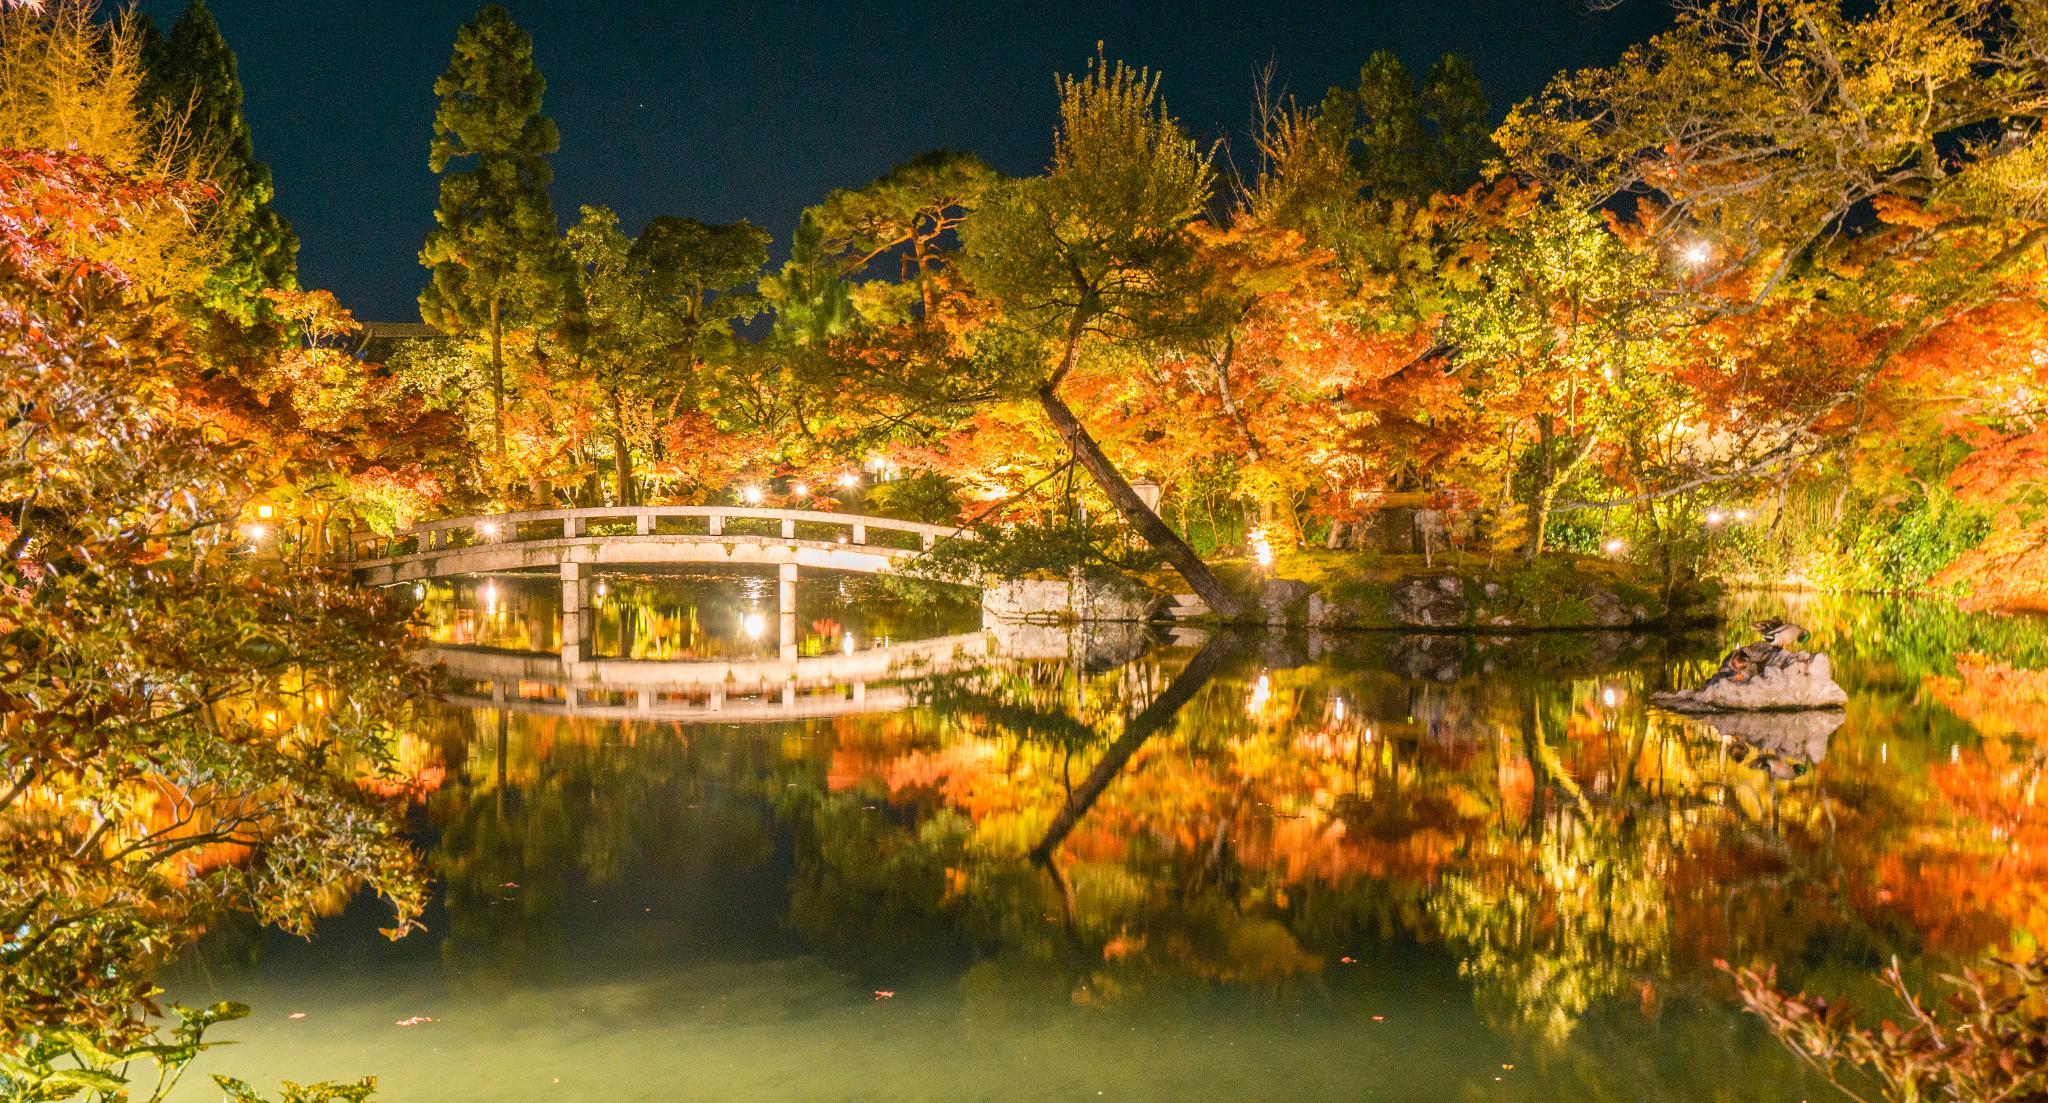 【京都】此生必來的紅葉狩絕景 - 永觀堂夜楓 120